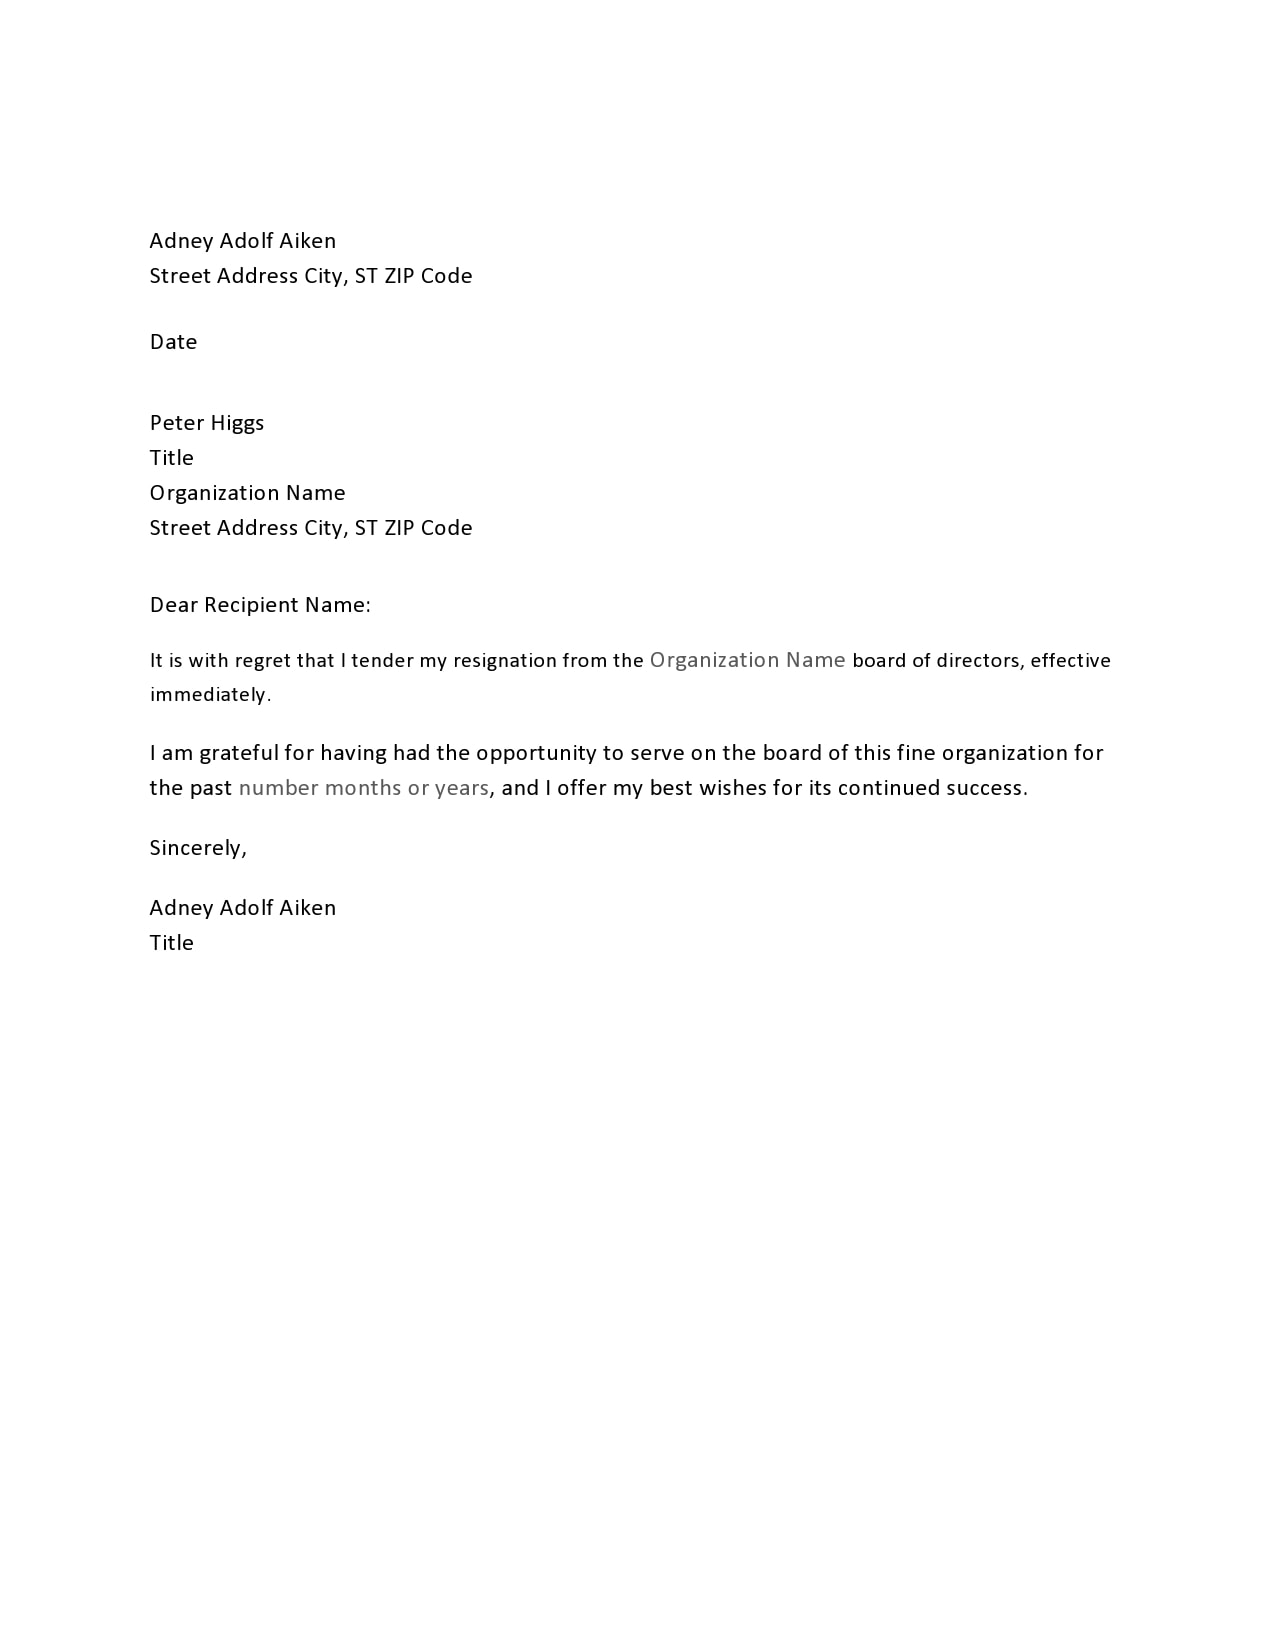 Pdf Immediate Short Resignation Letter